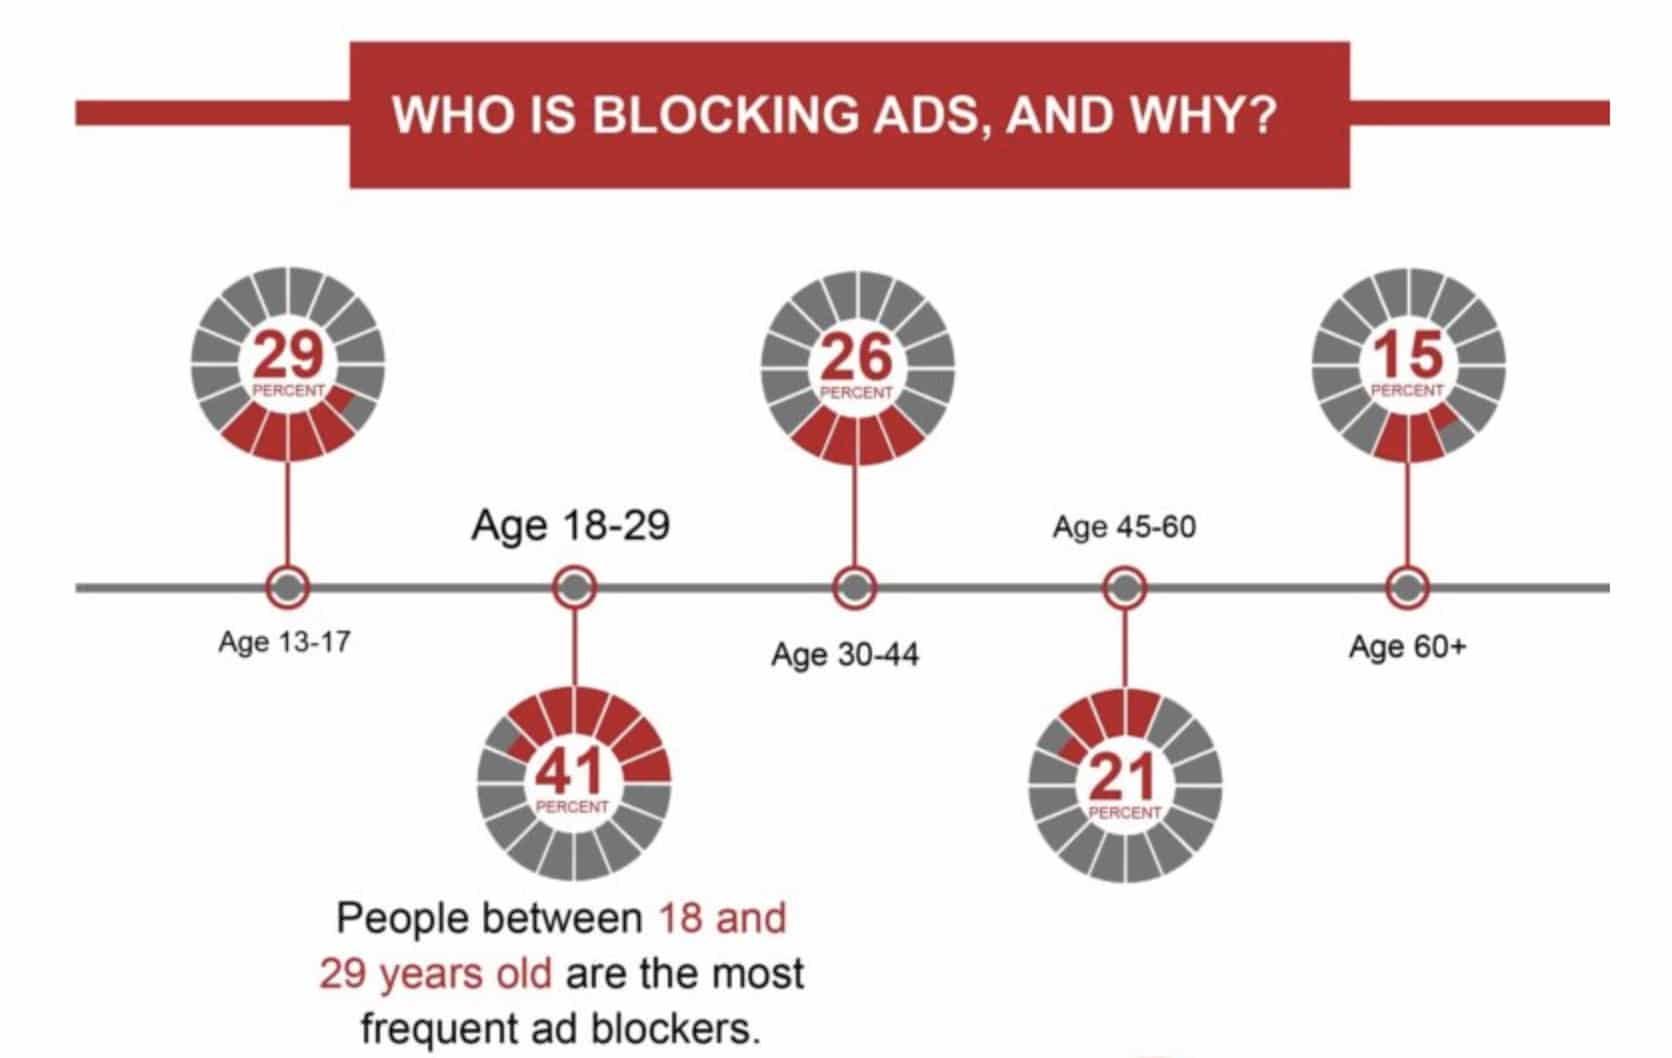 Hvem blokerer annoncer?